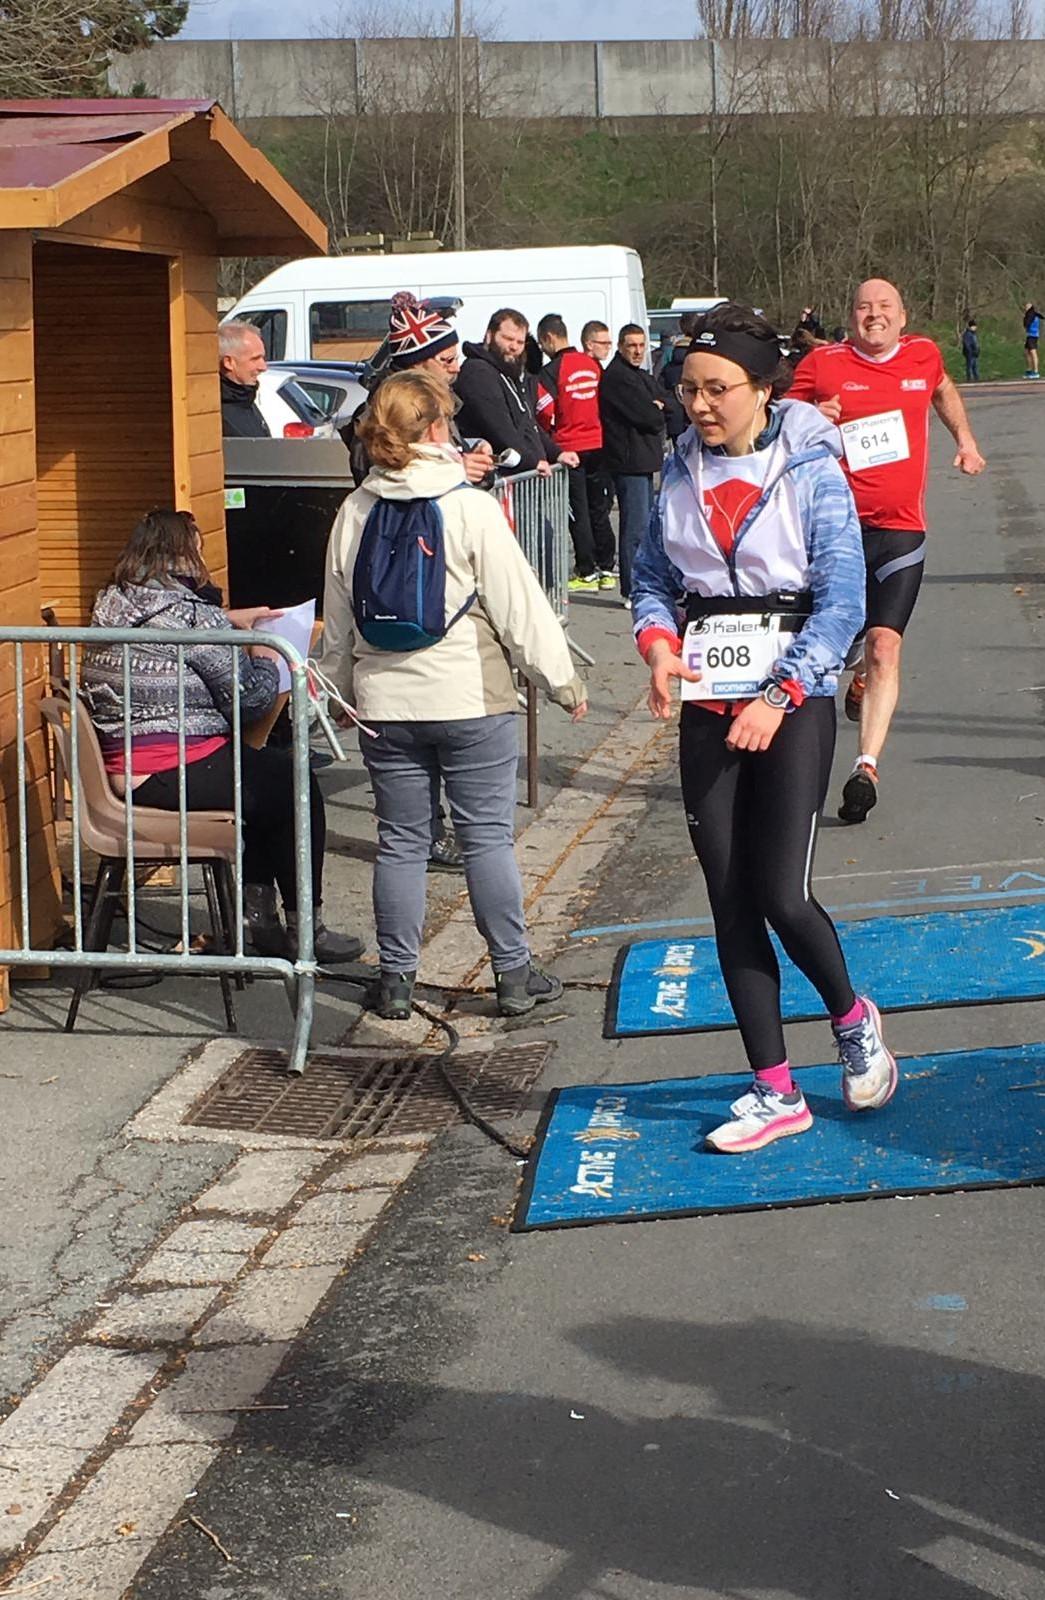 A l'arrivée du semi-marathon